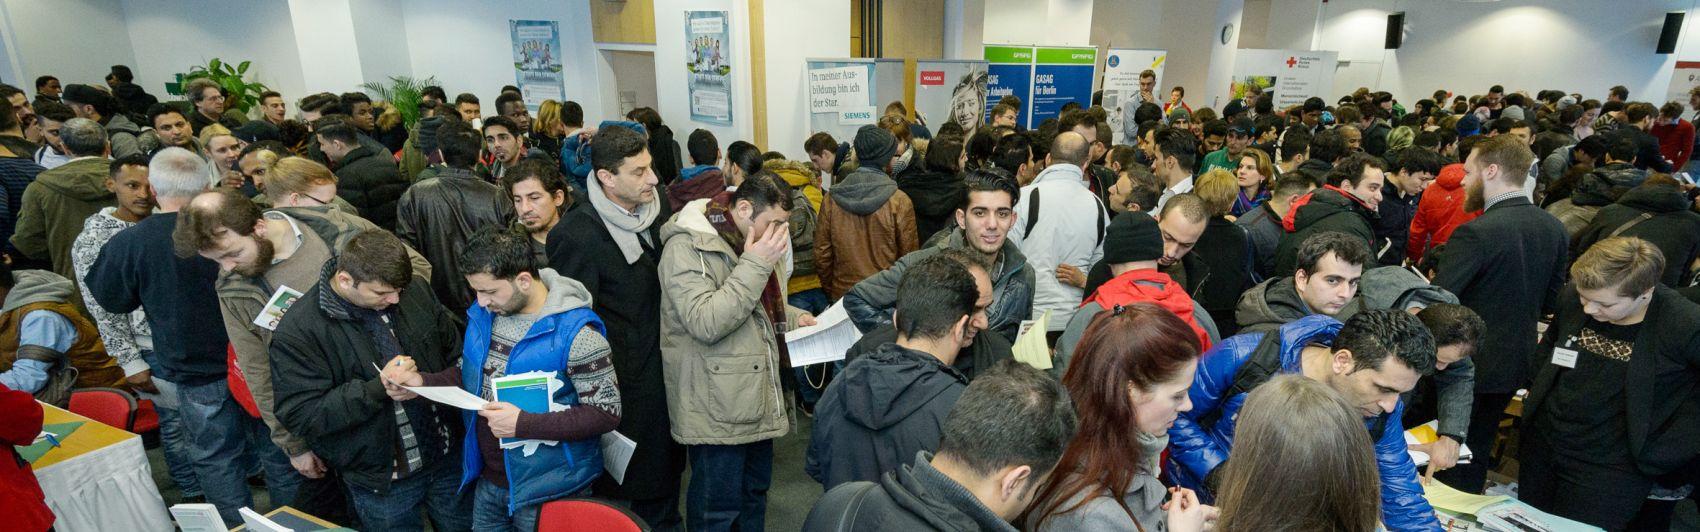 Das Interesse an der Praktika- und Ausbildungsmesse war groß.